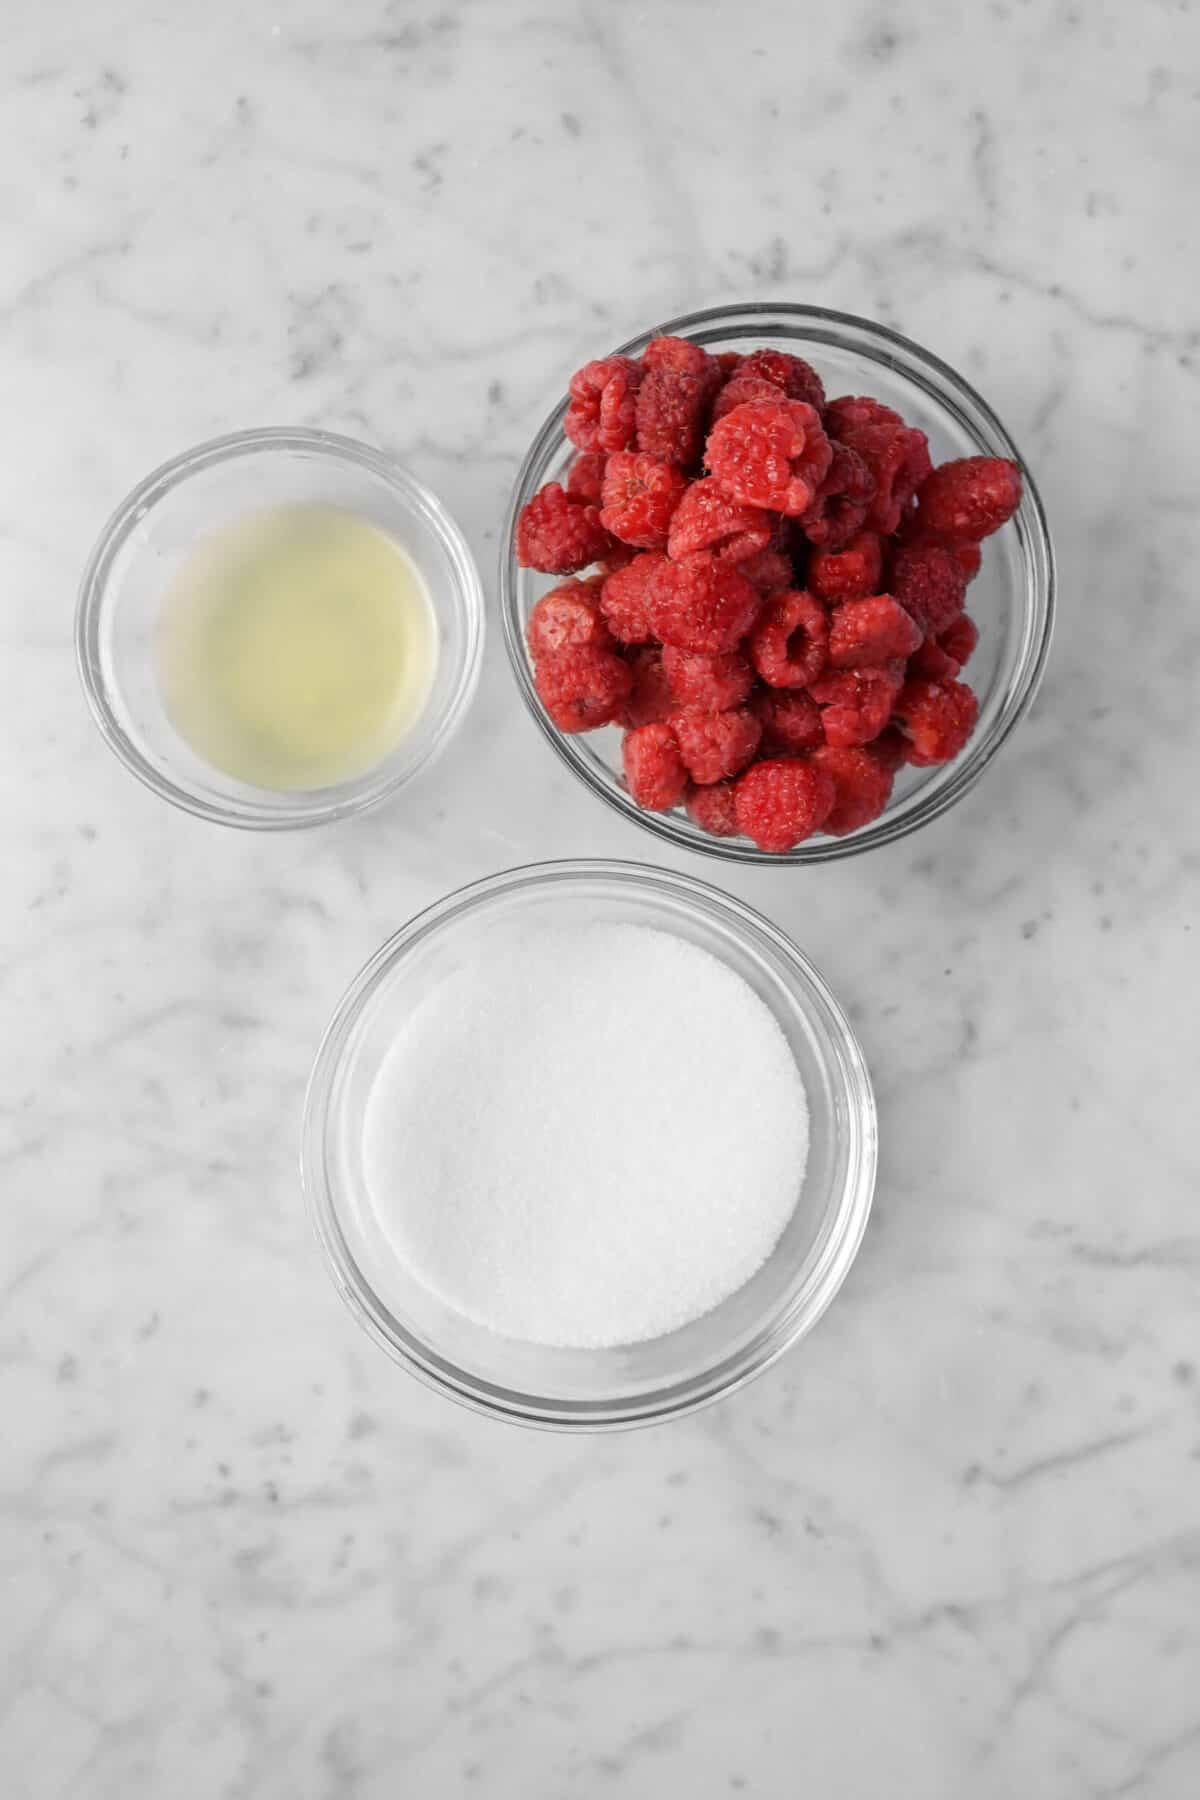 raspberries, sugar, and lemon juice in glass bowls